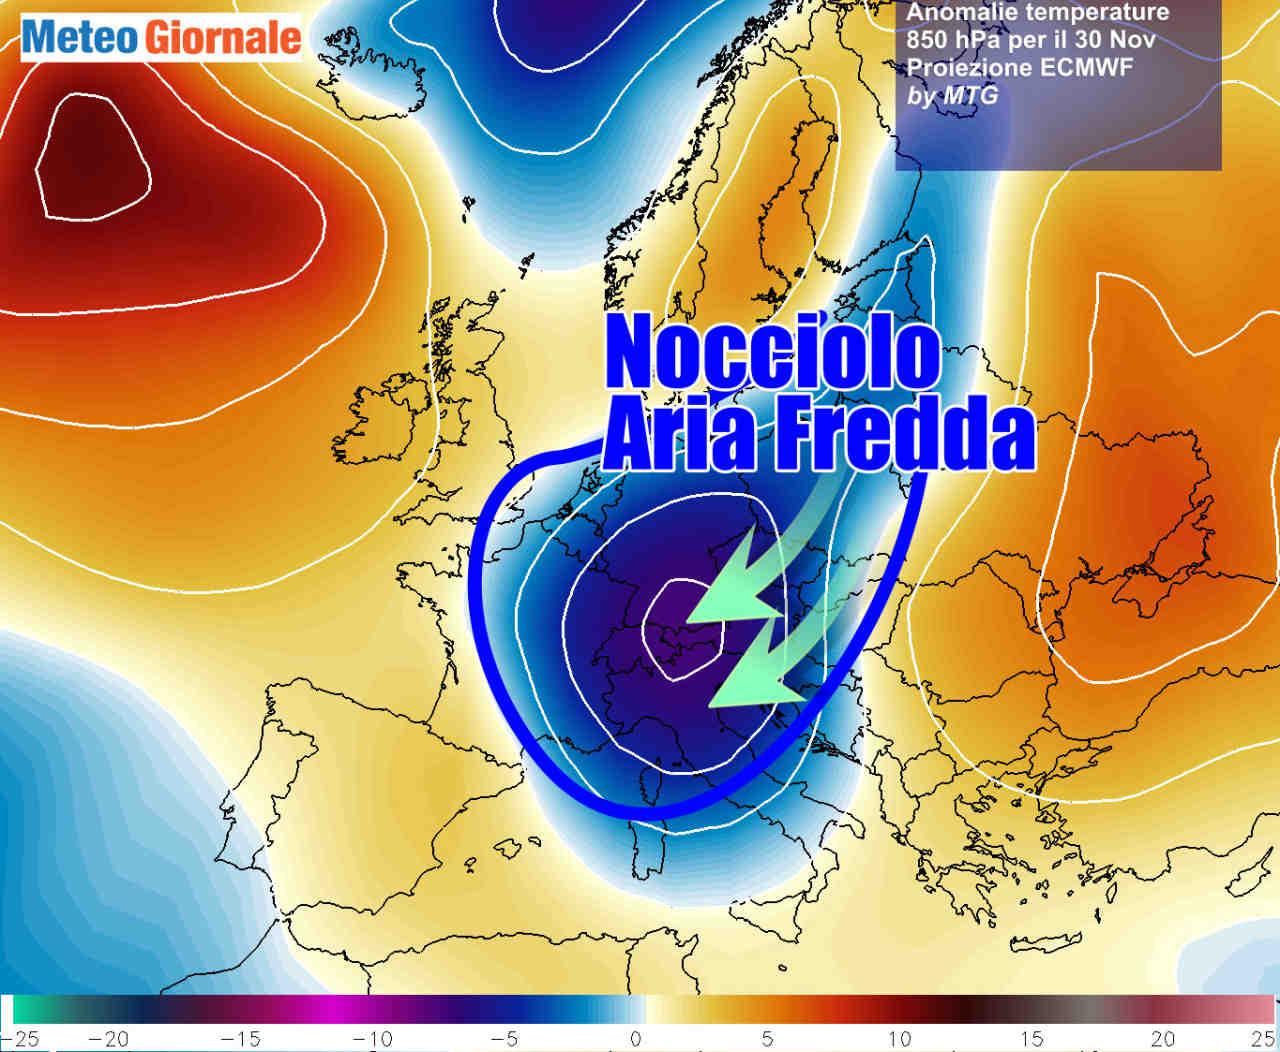 Meteo invernale la prossima settimana